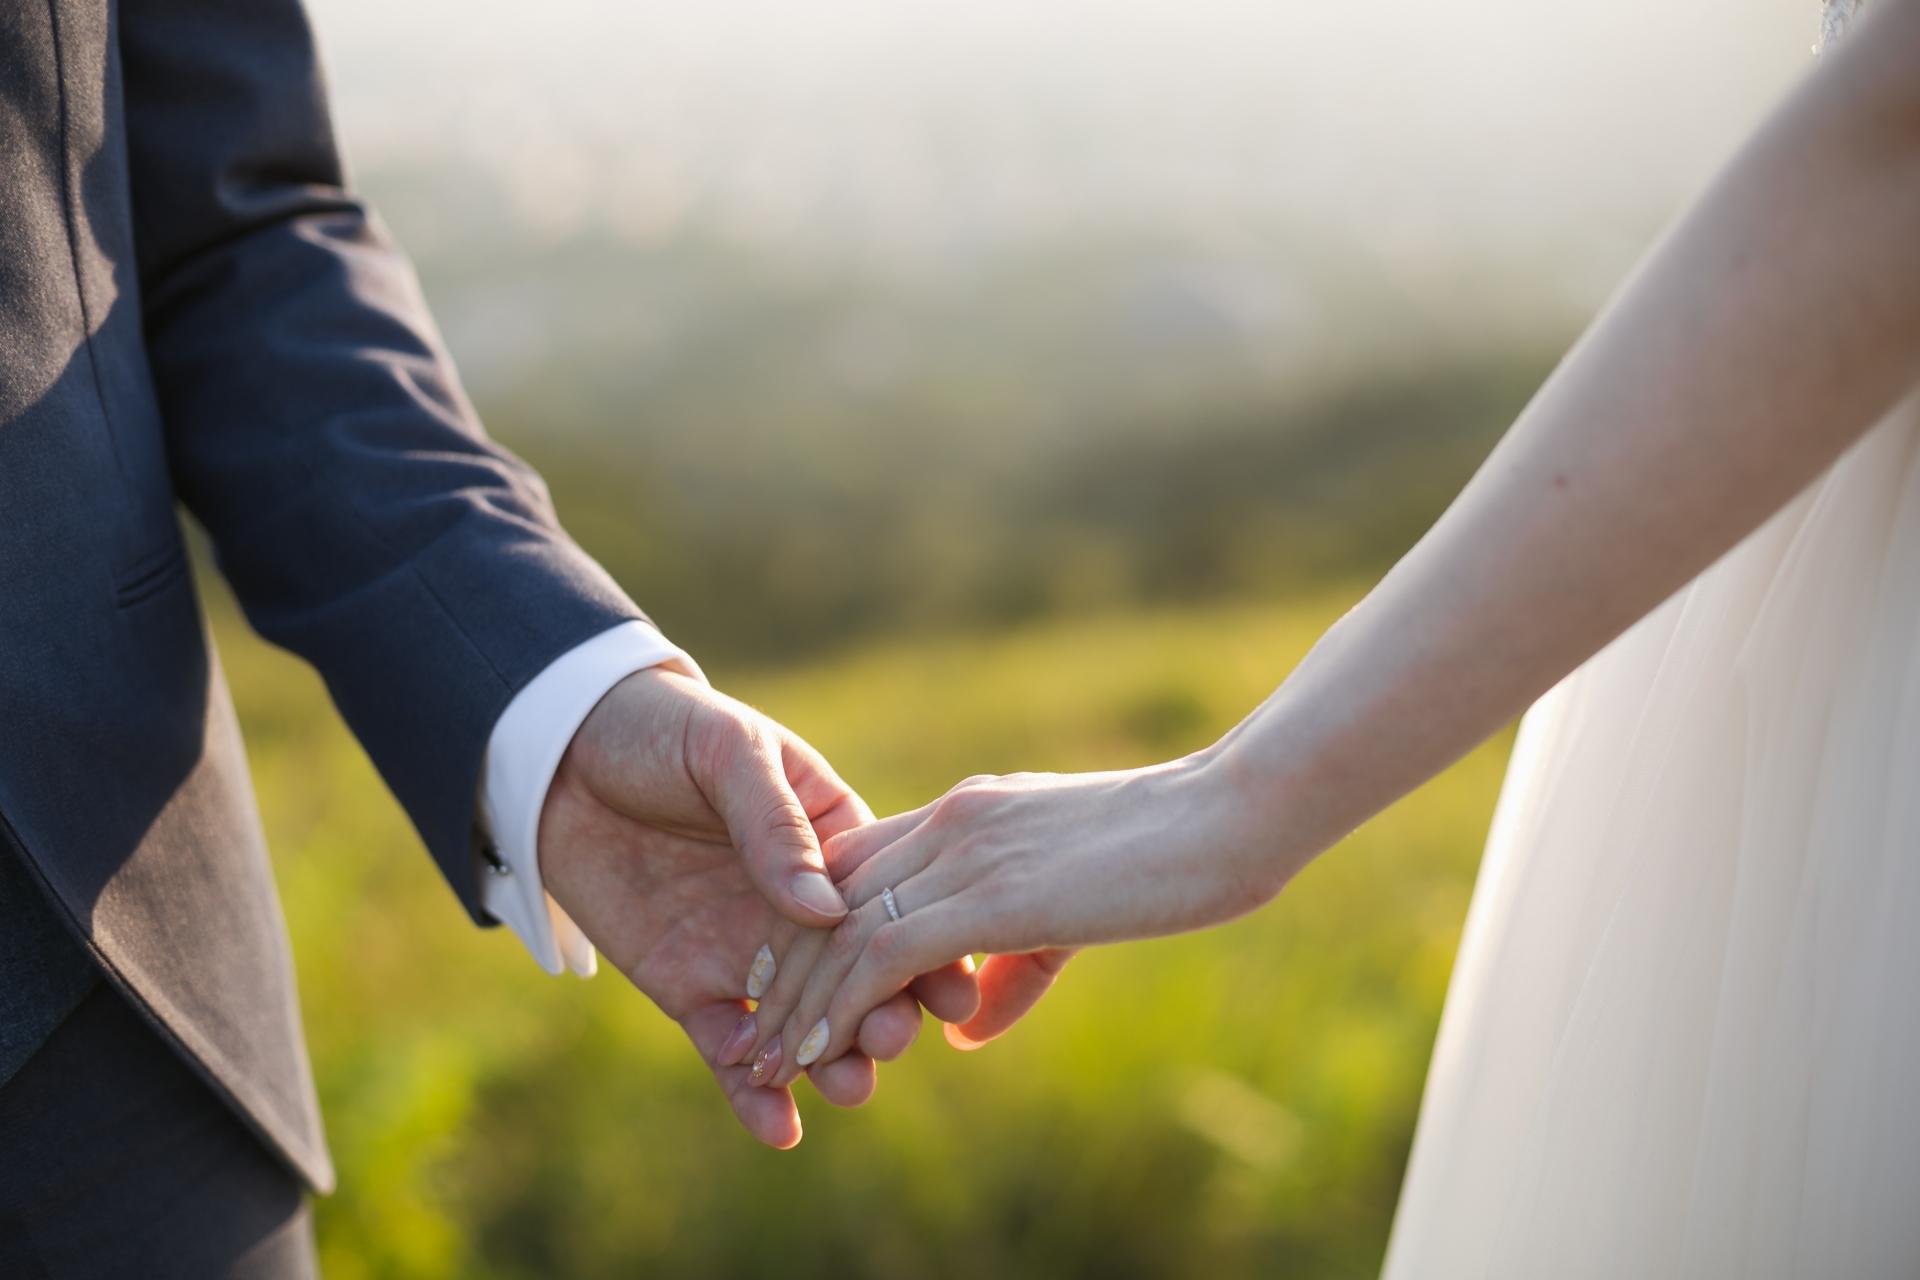 結婚する夢《シチュエーション別》